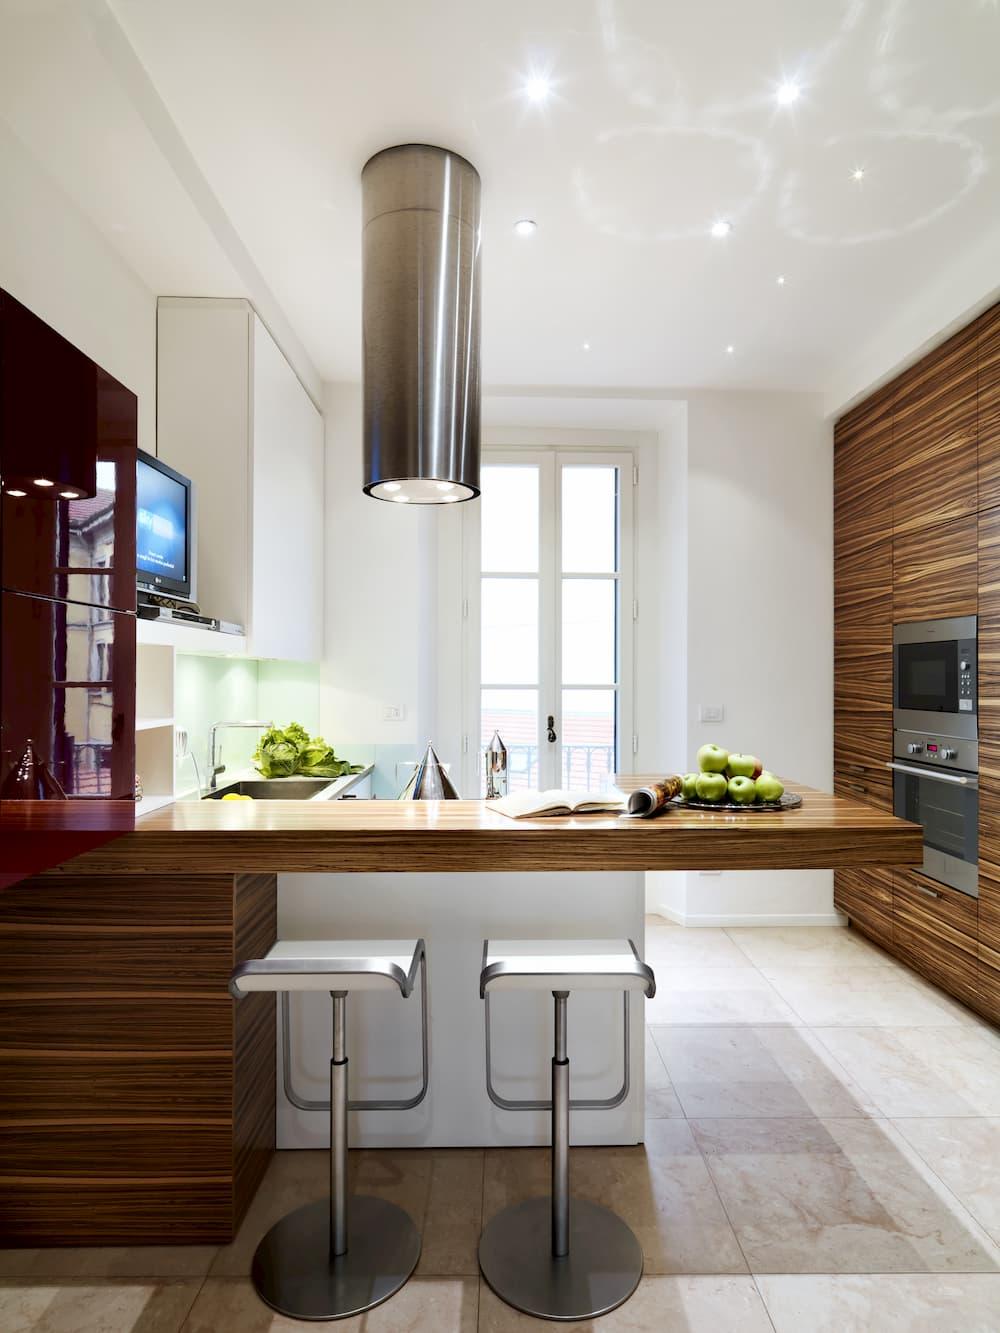 Küche mit Halbinsel und Barhocker © adpePhoto, stock.adobe.com